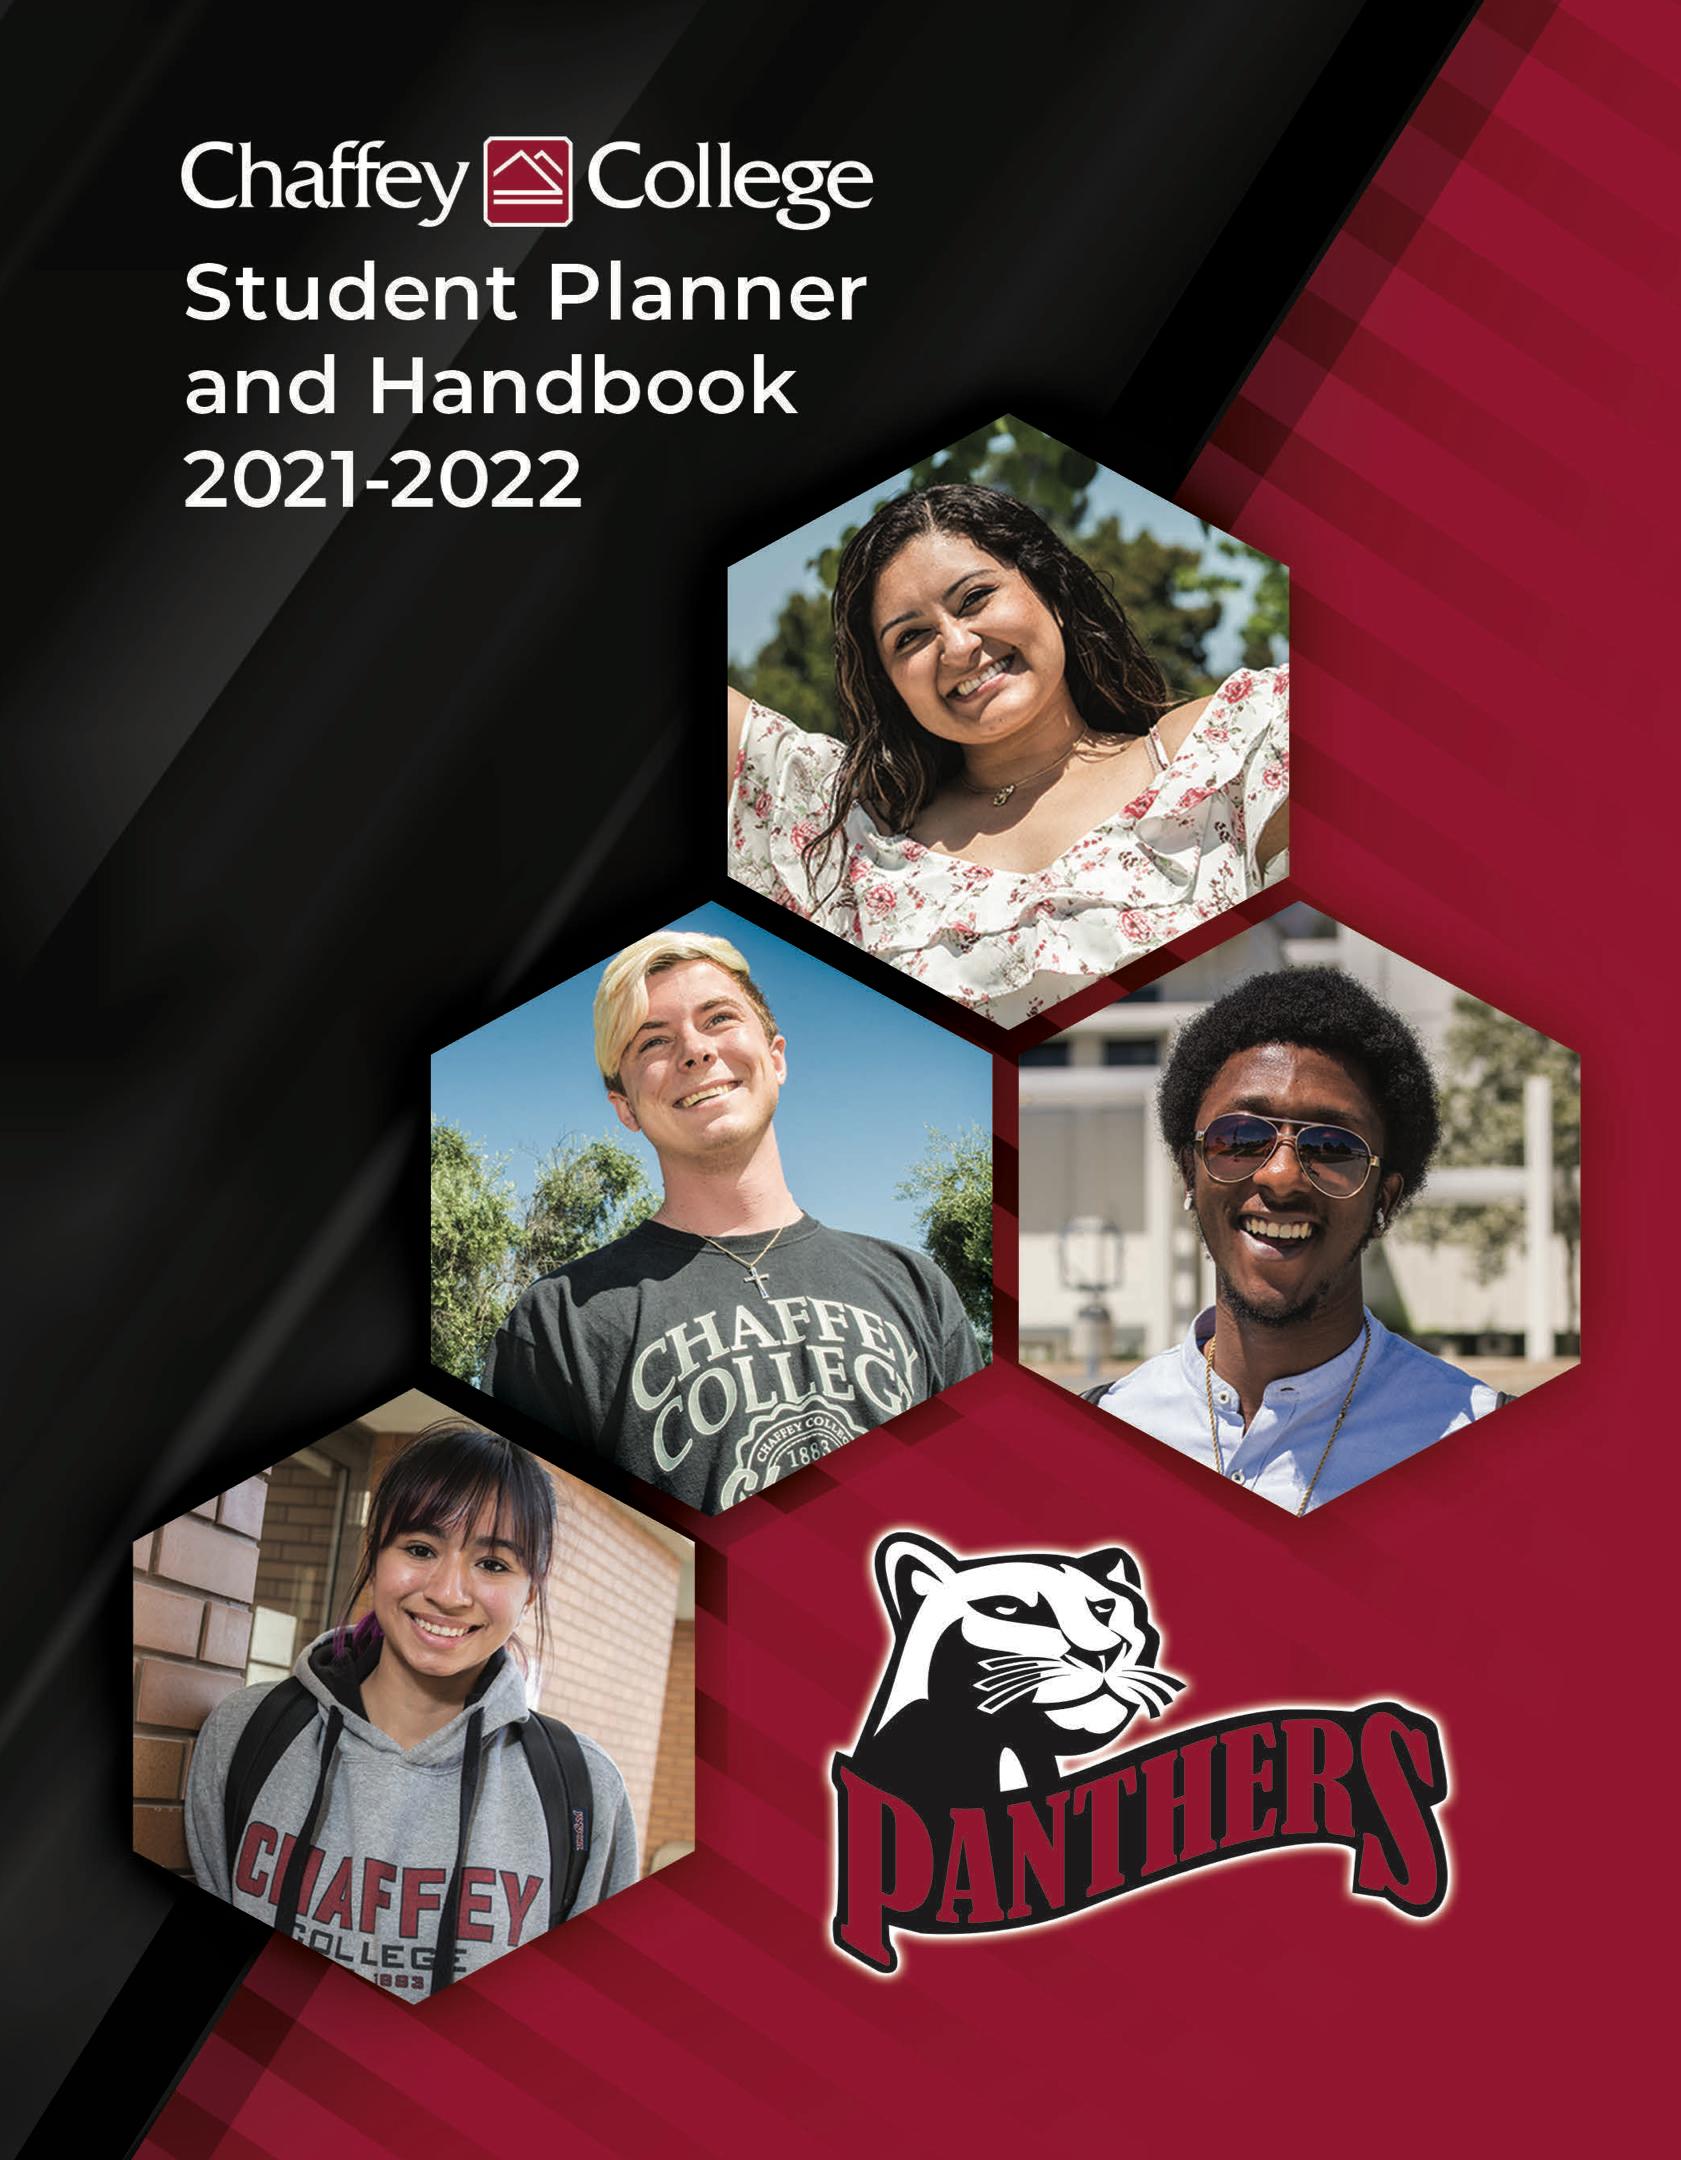 Chaffey College Student Planner and Handbook 2019-2020